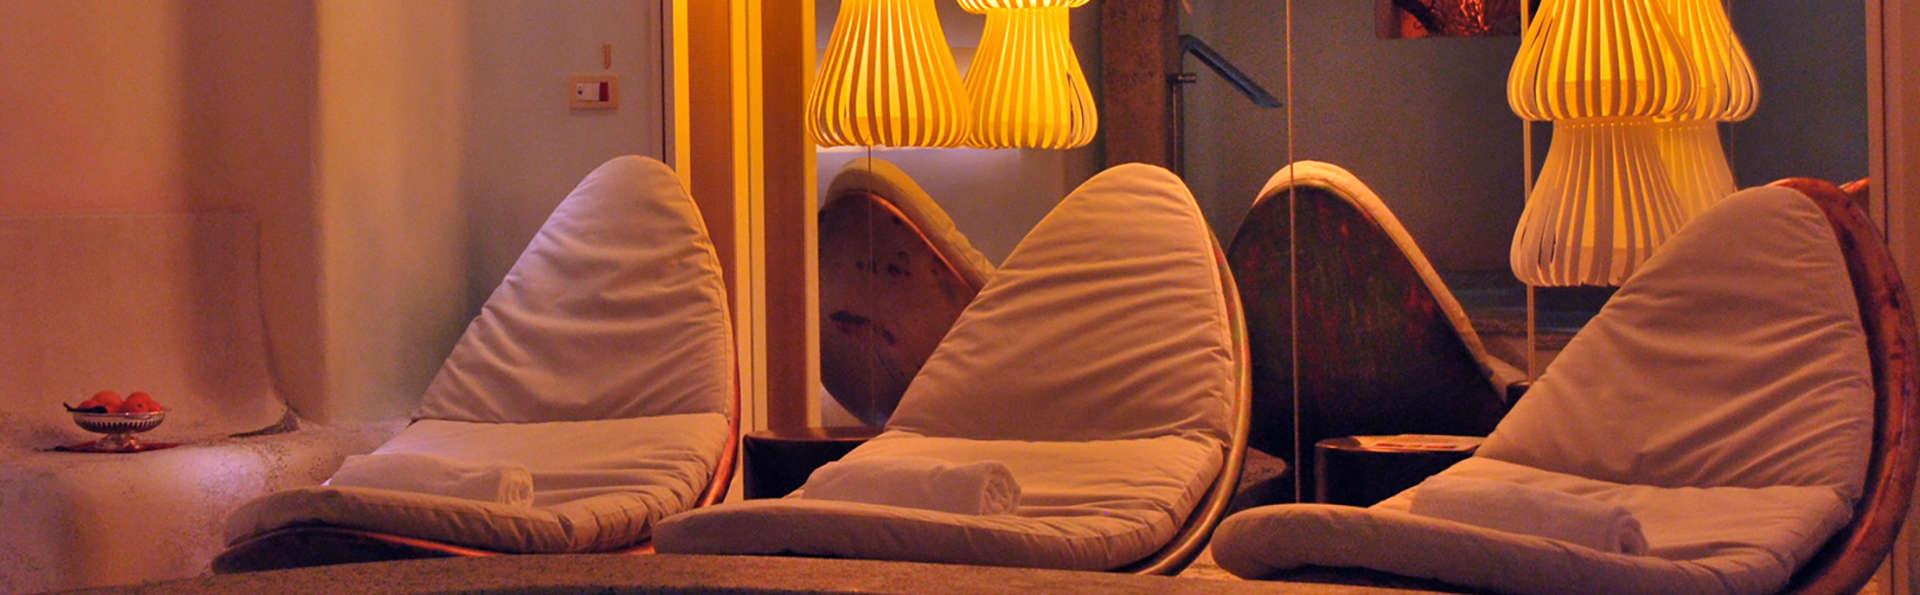 Détente et bien-être à Gênes, dans un élégant hôtel situé au centre-ville, avec spa et massages inclus